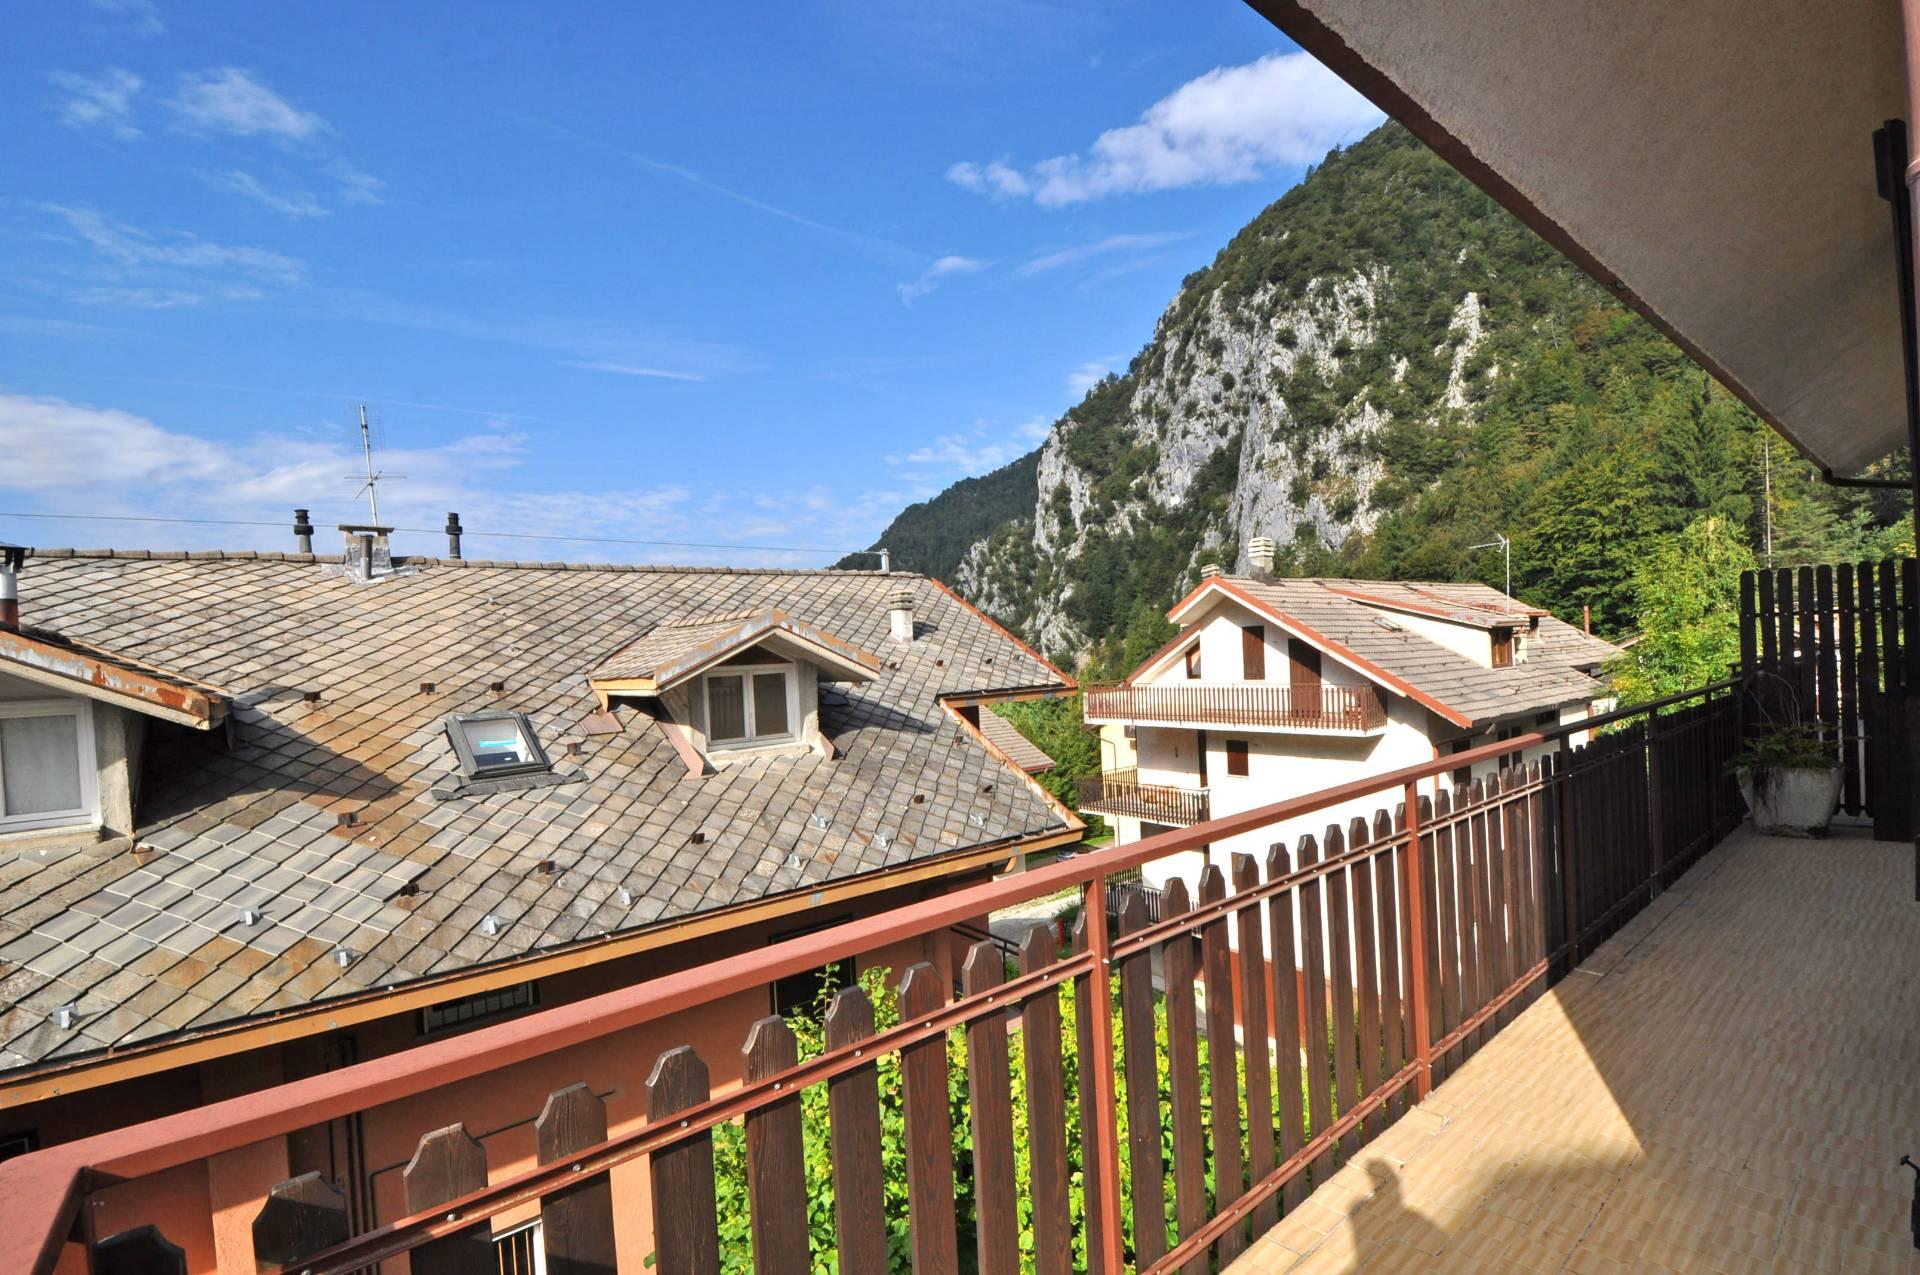 Appartamento in vendita a Piazzatorre, 3 locali, prezzo € 47.000 | Cambio Casa.it